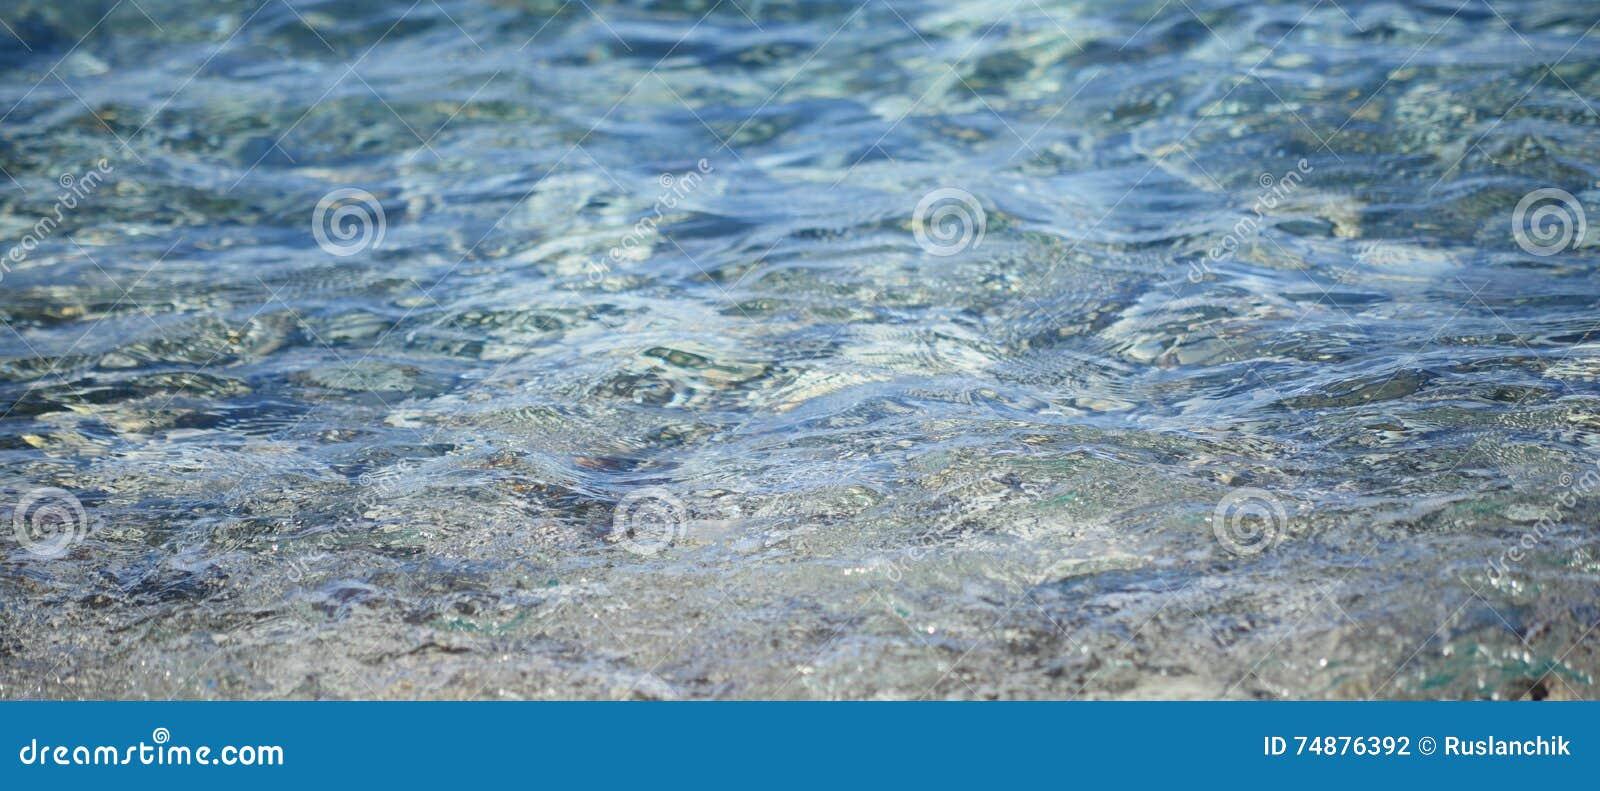 Oceaanwaterachtergrond